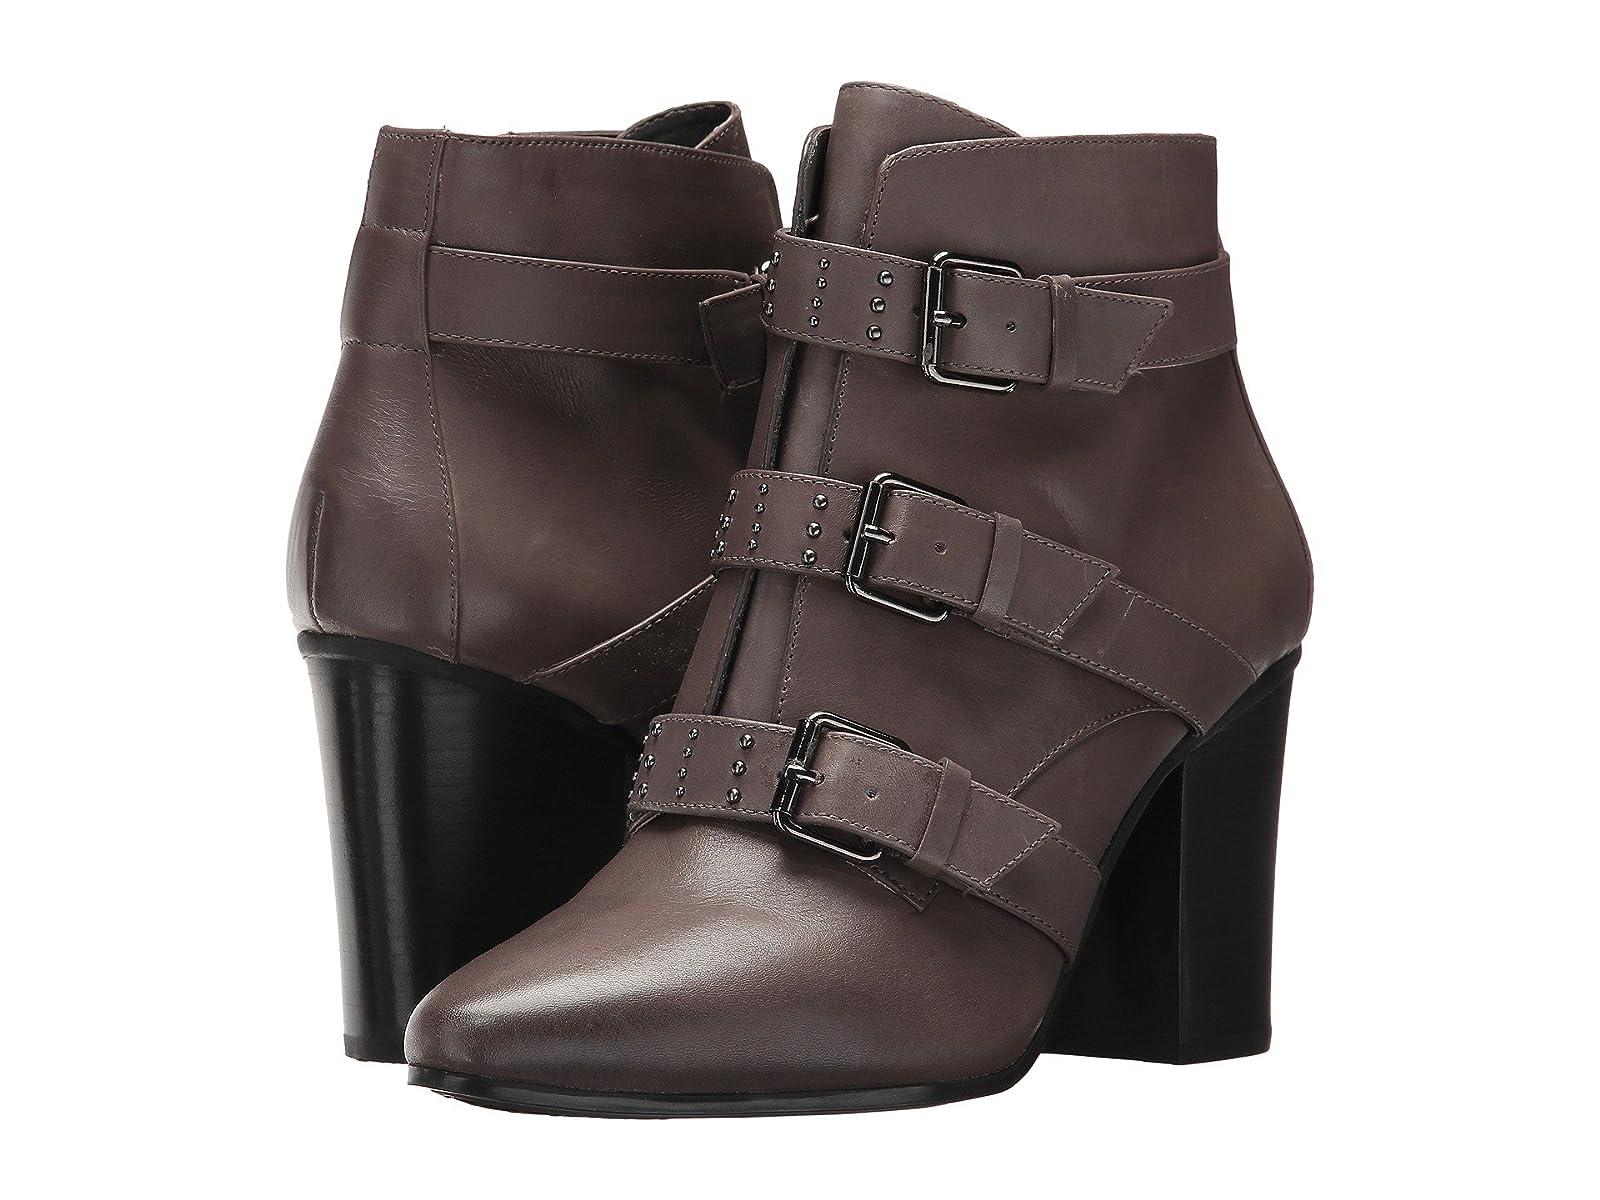 Aerosoles Square AwaySelling fashionable and eye-catching shoes